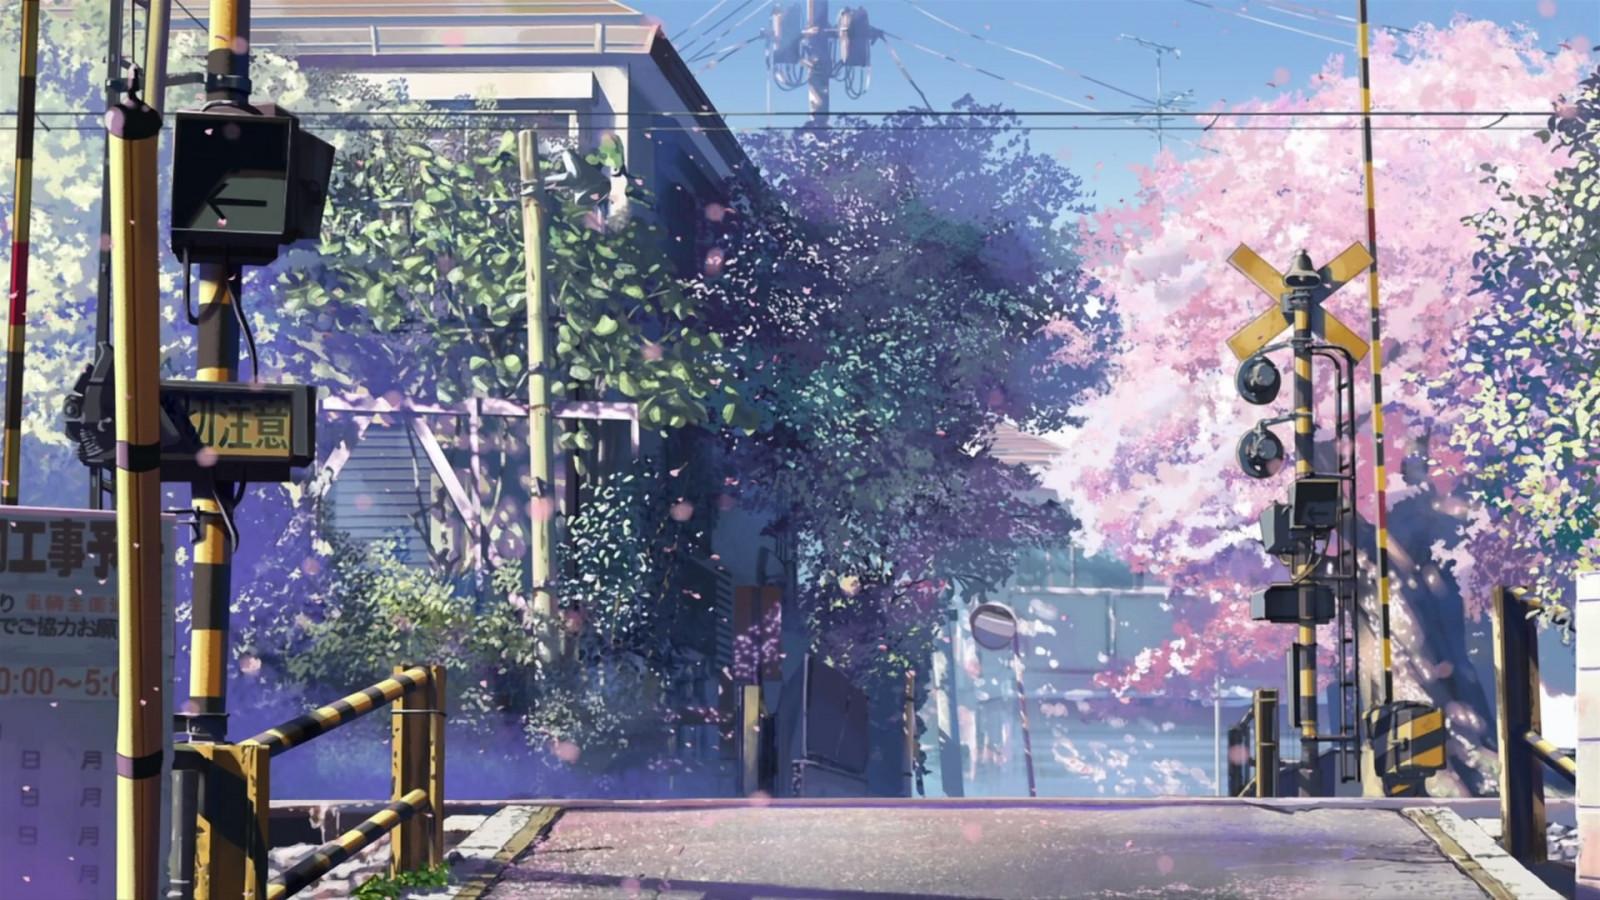 Além dos portões da escola Makoto_Shinkai_anime_5_Centimeters_Per_Second_train_crossroads-40461